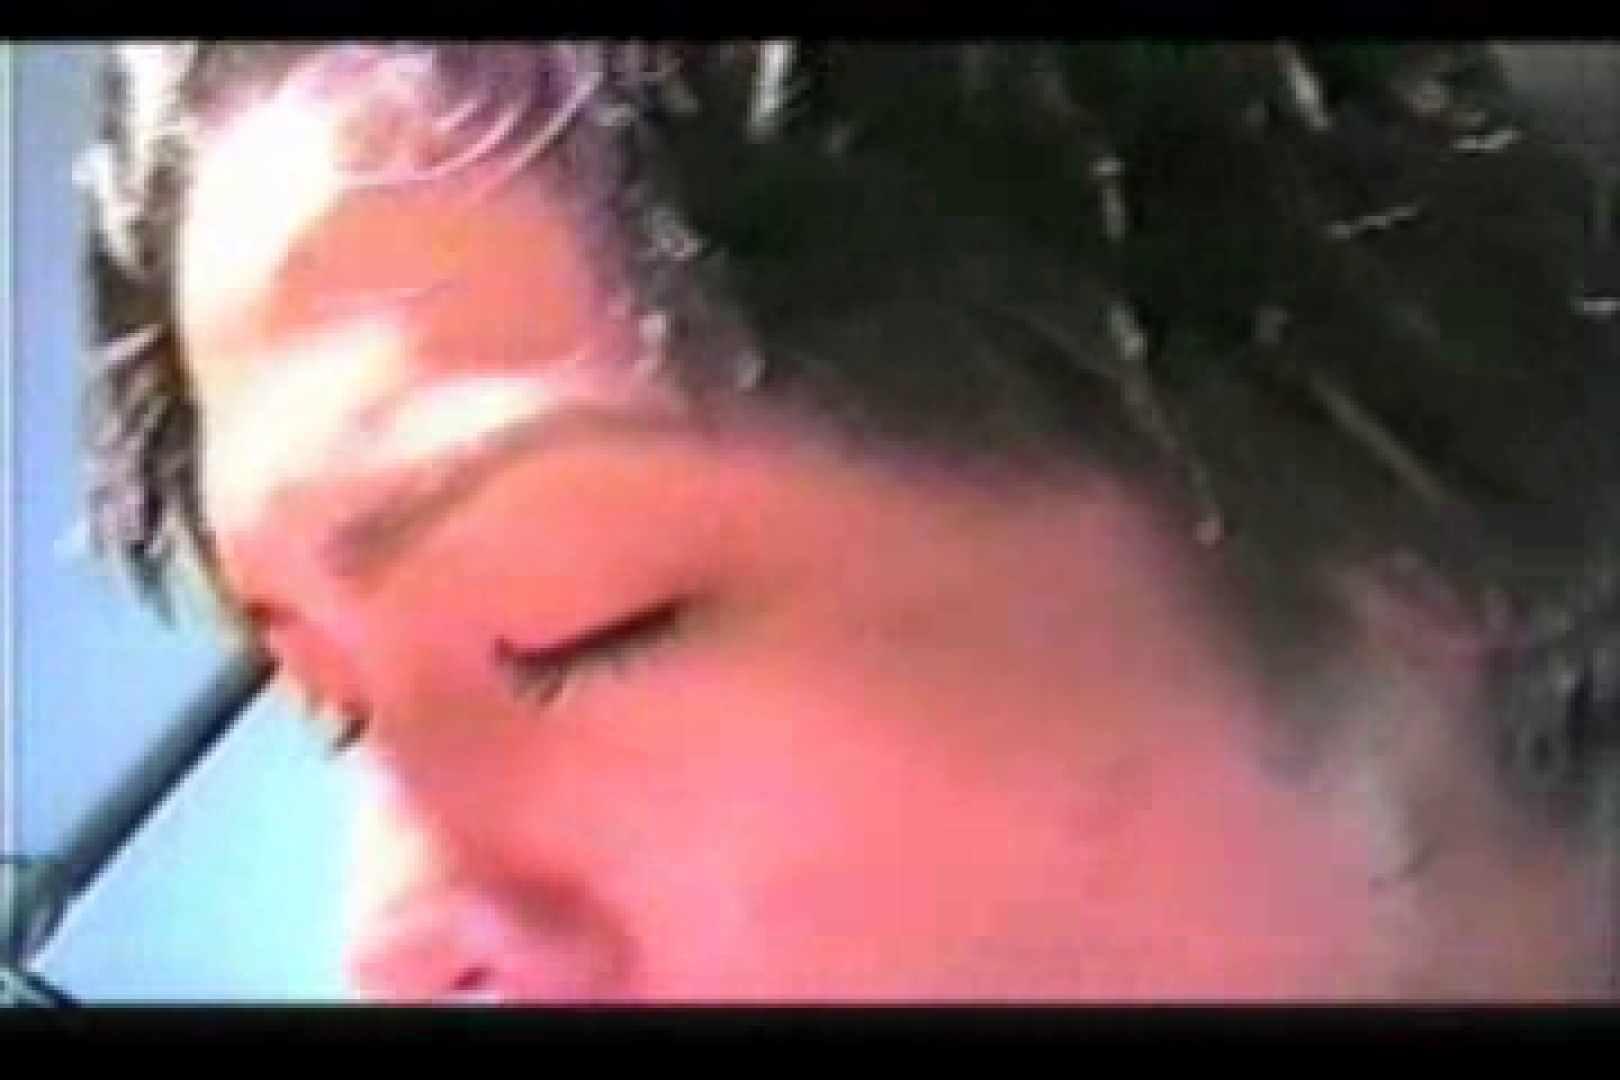 【流出】あの頃アイツ!!生意気だったけど好き物だった・・・ 流出作品 ゲイエロ動画 63pic 37